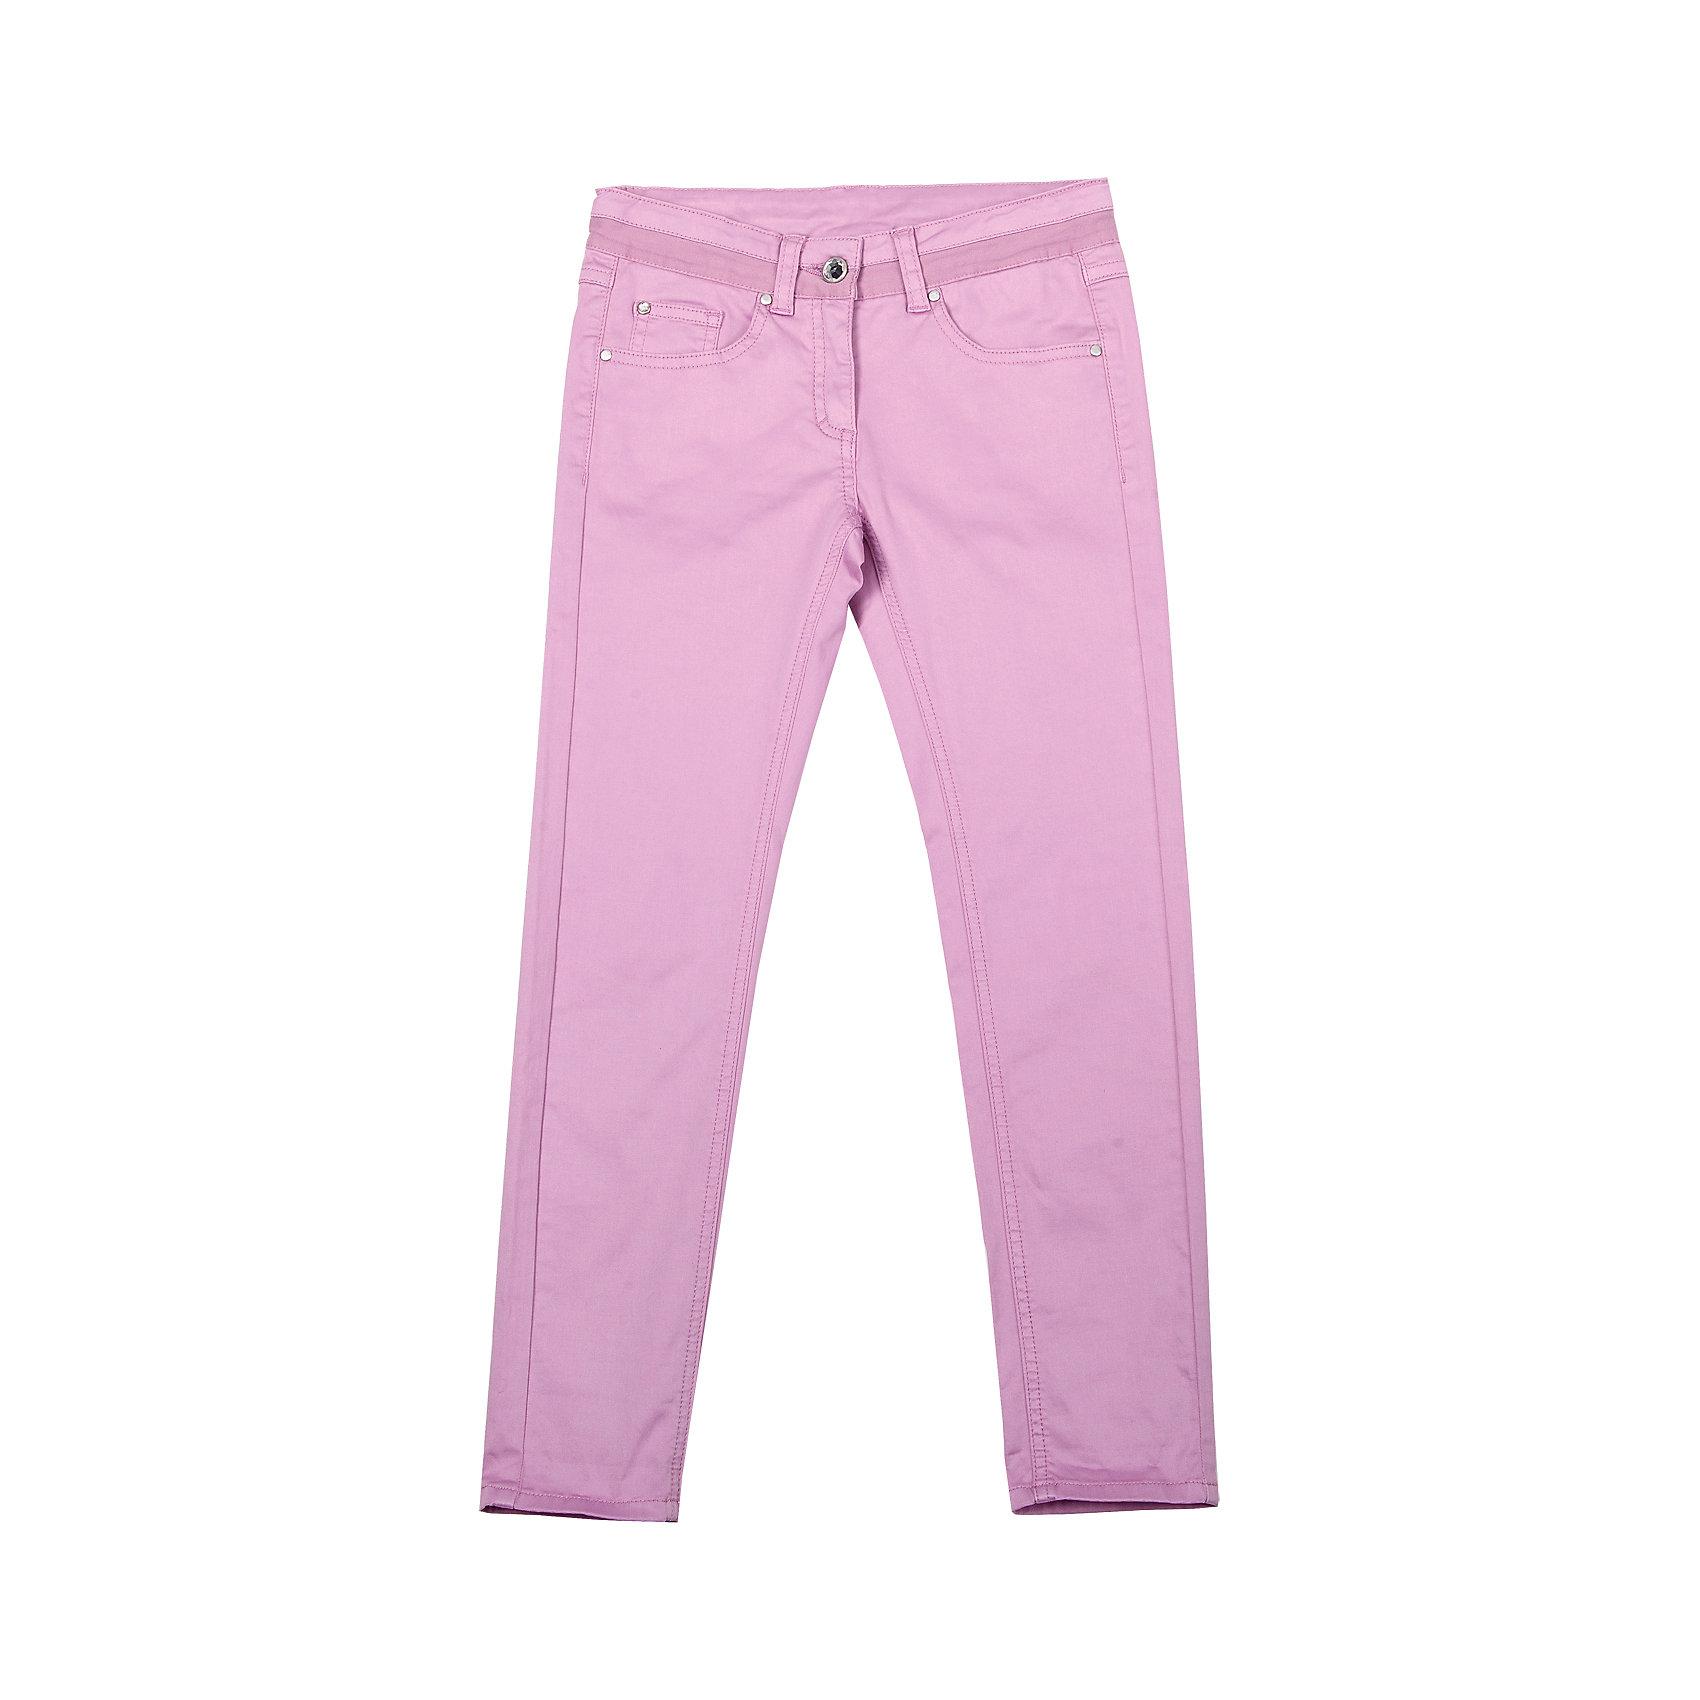 Брюки для девочки GulliverБрюки<br>Цветные узкие брюки - хит сезона Весна-Лето 2016! Выполненные из хлопка с эластаном, брюки идеально садятся на любую фигуру, обеспечивая комфорт в повседневной носке. Розовые брюки для девочки - изделие из разряда must have! Они выглядят нежно, женственно, при этом соответствуют самым актуальным трендам сезона. Если вы решили купить отличные брюки на каждый день, обратите внимание на эти! Они прекрасно гармонируют с любым верхом из коллекции Апрель, создавая красивый благородный образ.<br>Состав:<br>98% хлопок 2% эластан<br><br>Ширина мм: 215<br>Глубина мм: 88<br>Высота мм: 191<br>Вес г: 336<br>Цвет: розовый<br>Возраст от месяцев: 132<br>Возраст до месяцев: 144<br>Пол: Женский<br>Возраст: Детский<br>Размер: 152,134,158,146,140,128<br>SKU: 4534427